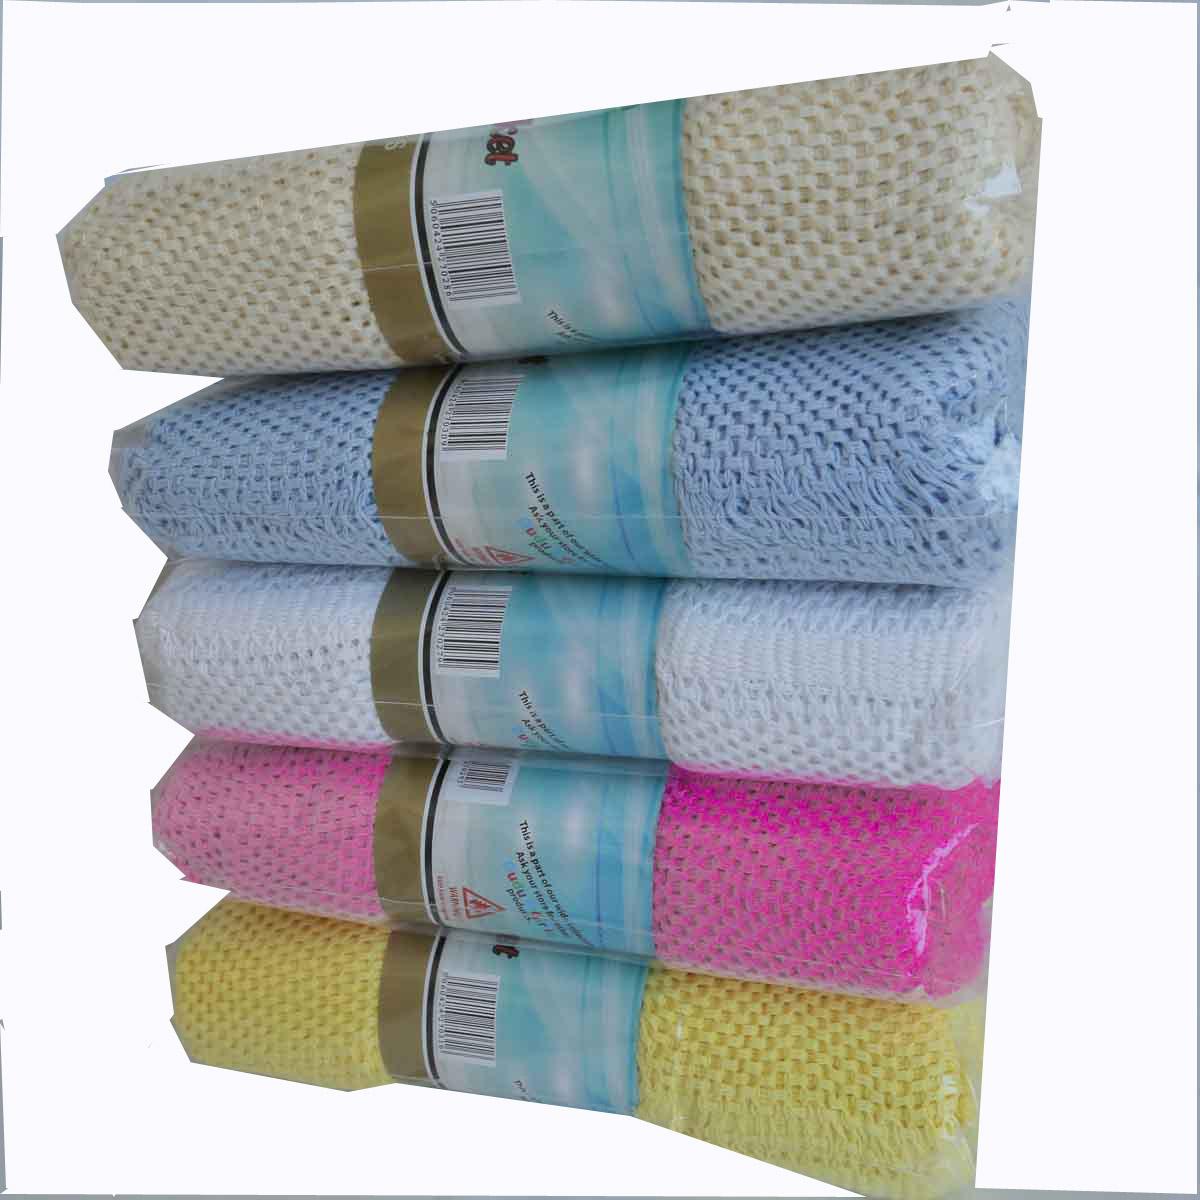 Cellular Blanket 100 Cotton Low Price At Dudu N